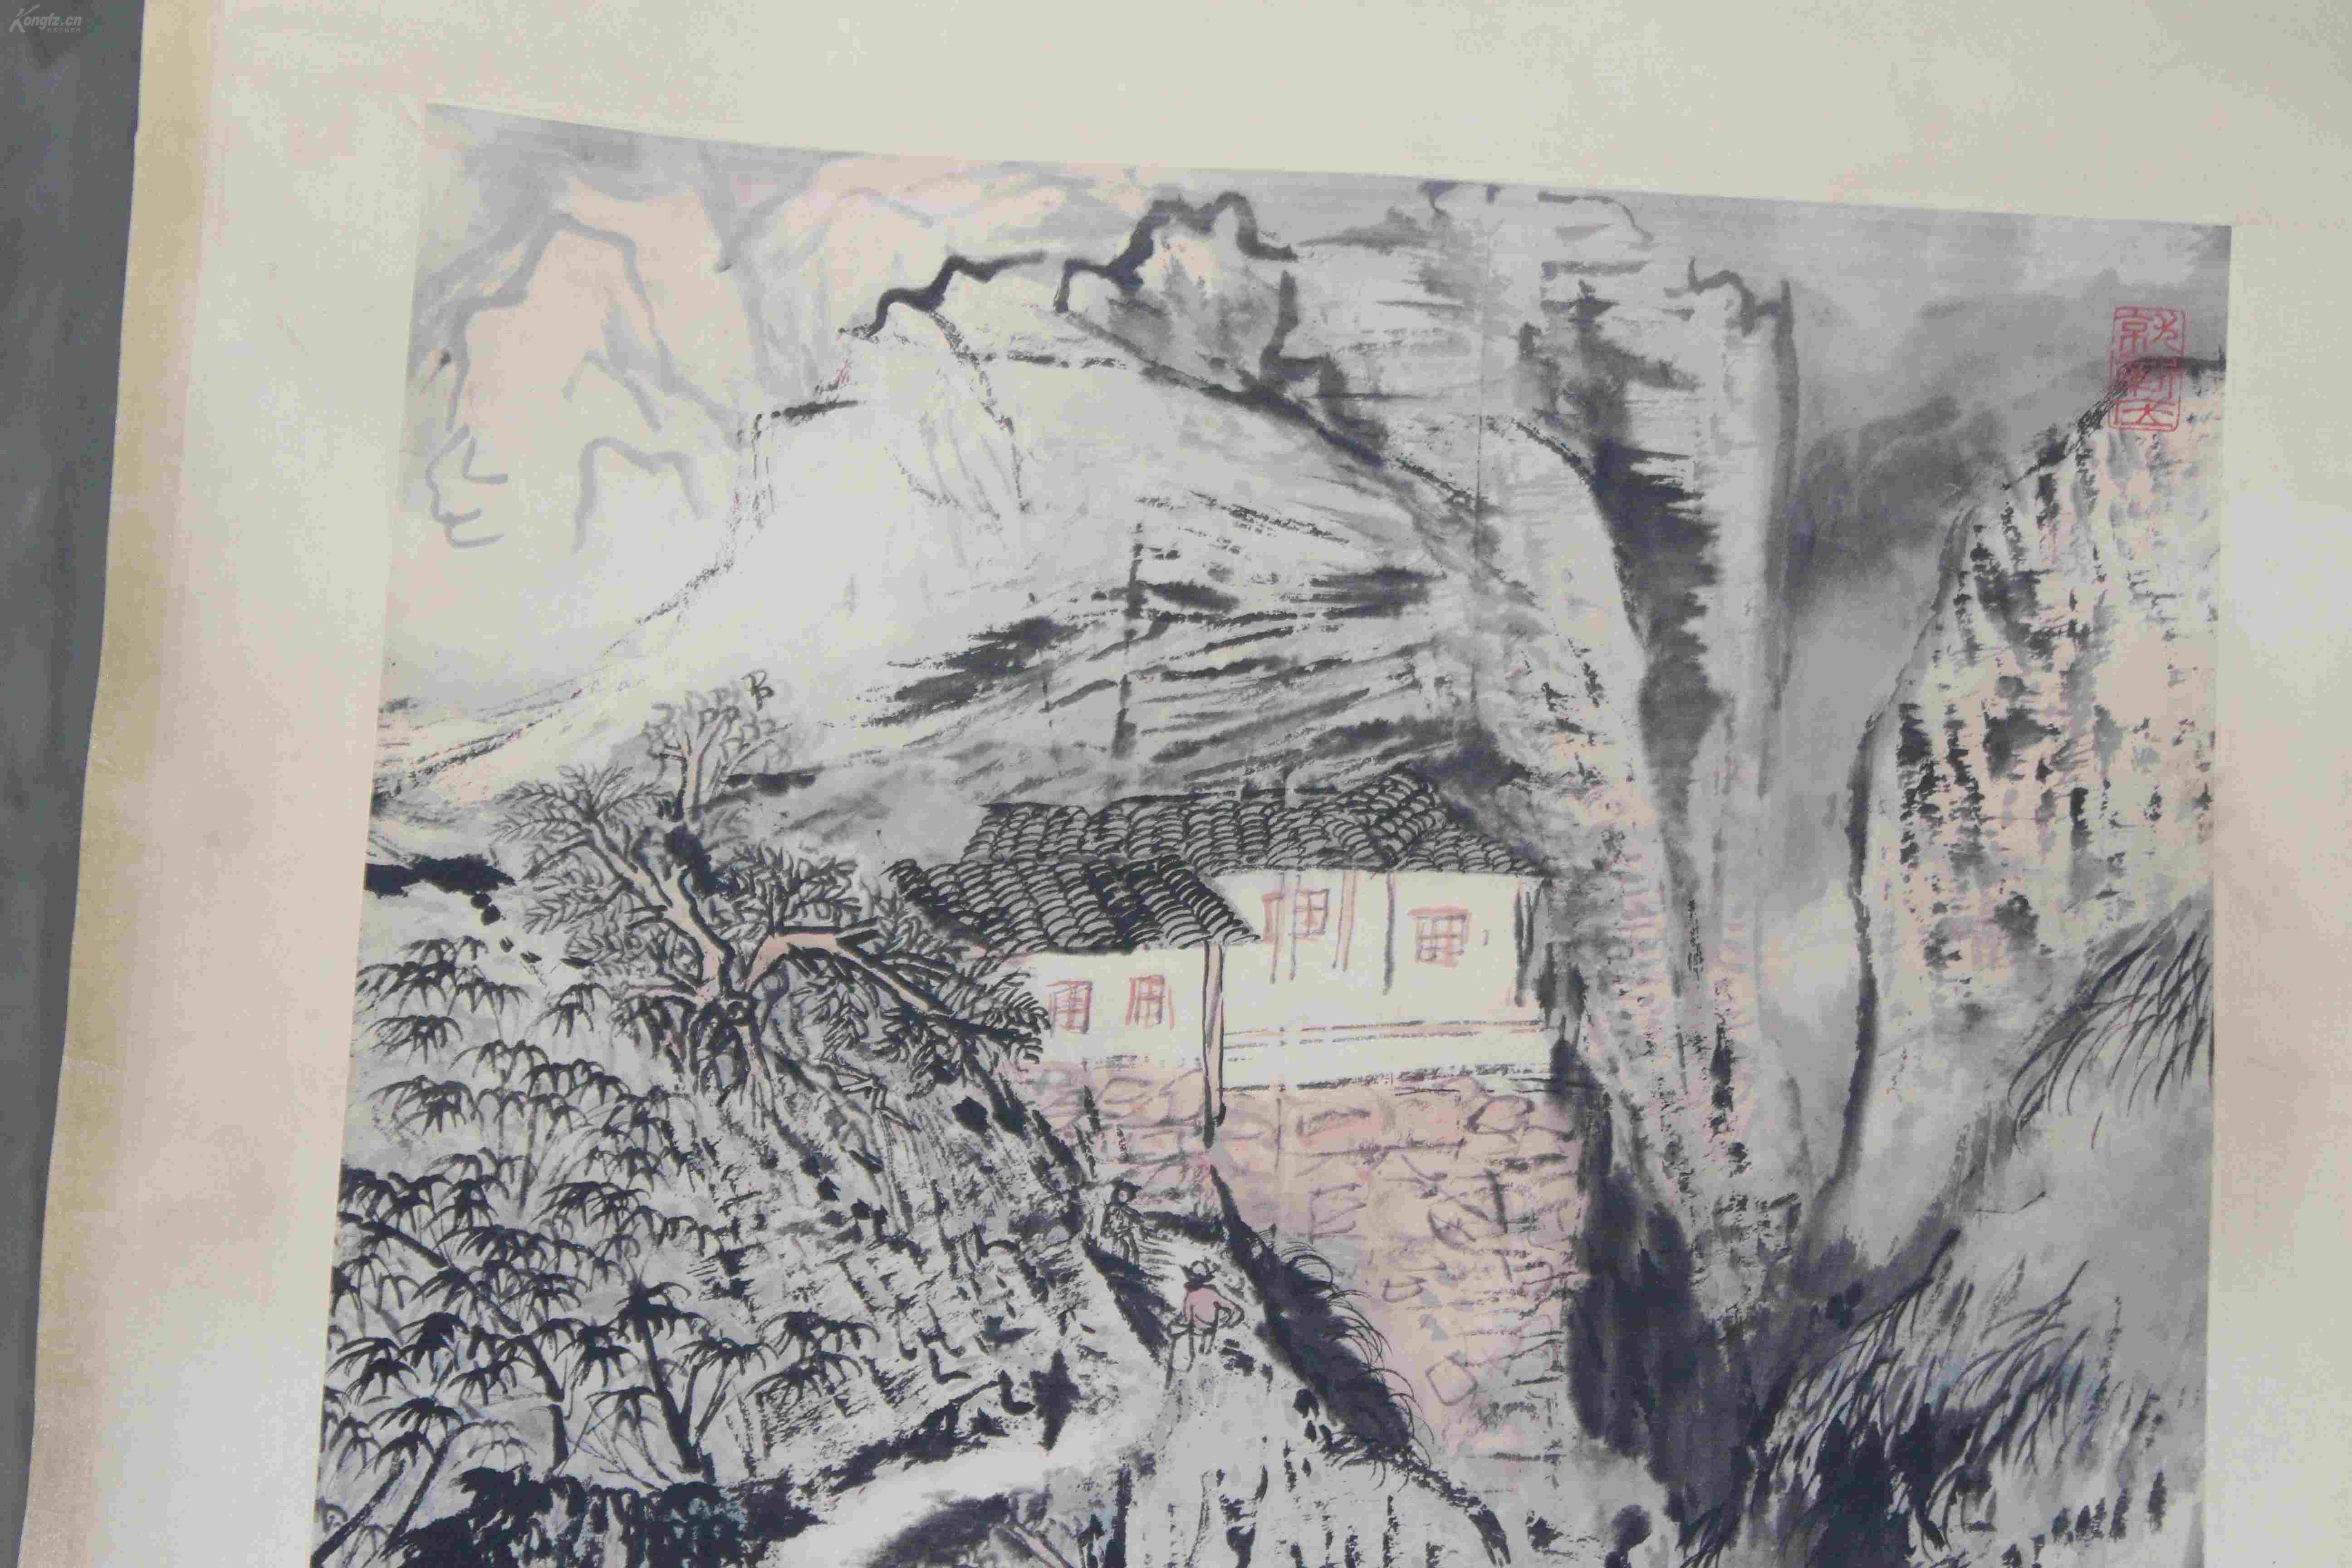 老画家自藏多年,名家陆俨少所绘精品山水《古竹洞》,老手工裱,泼墨